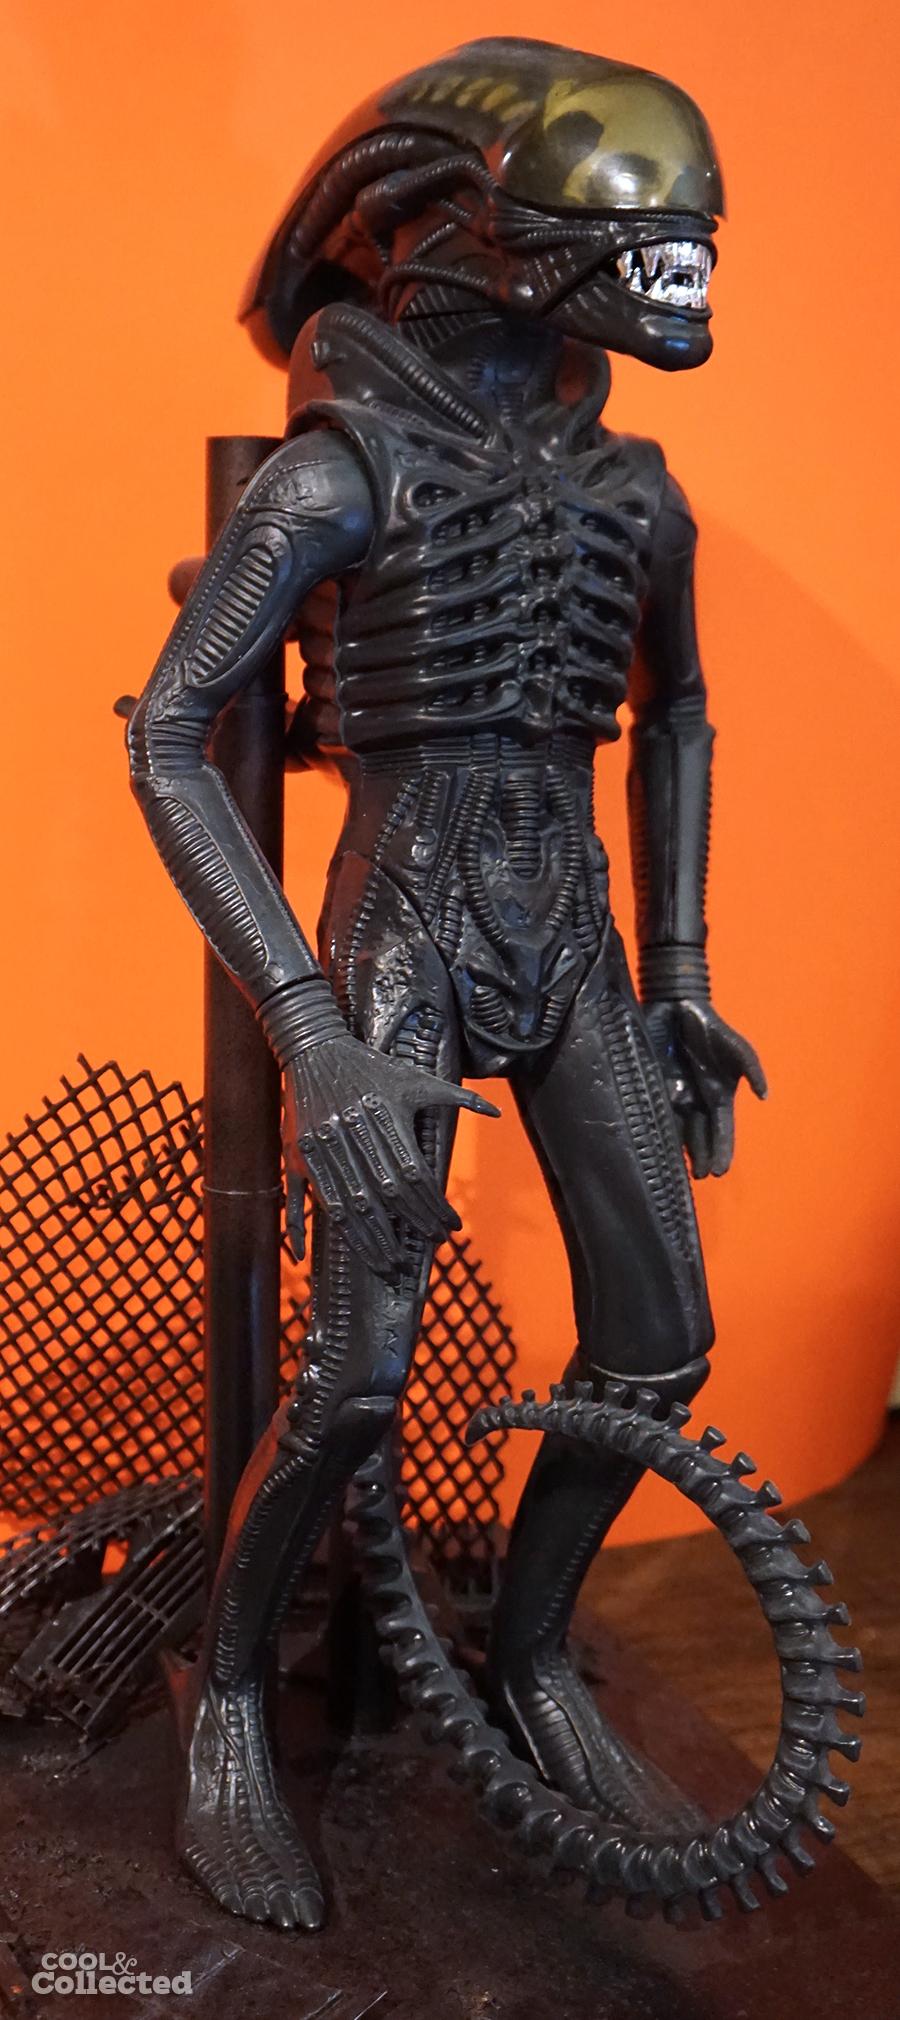 kenner-alien-figure - 1 (1)